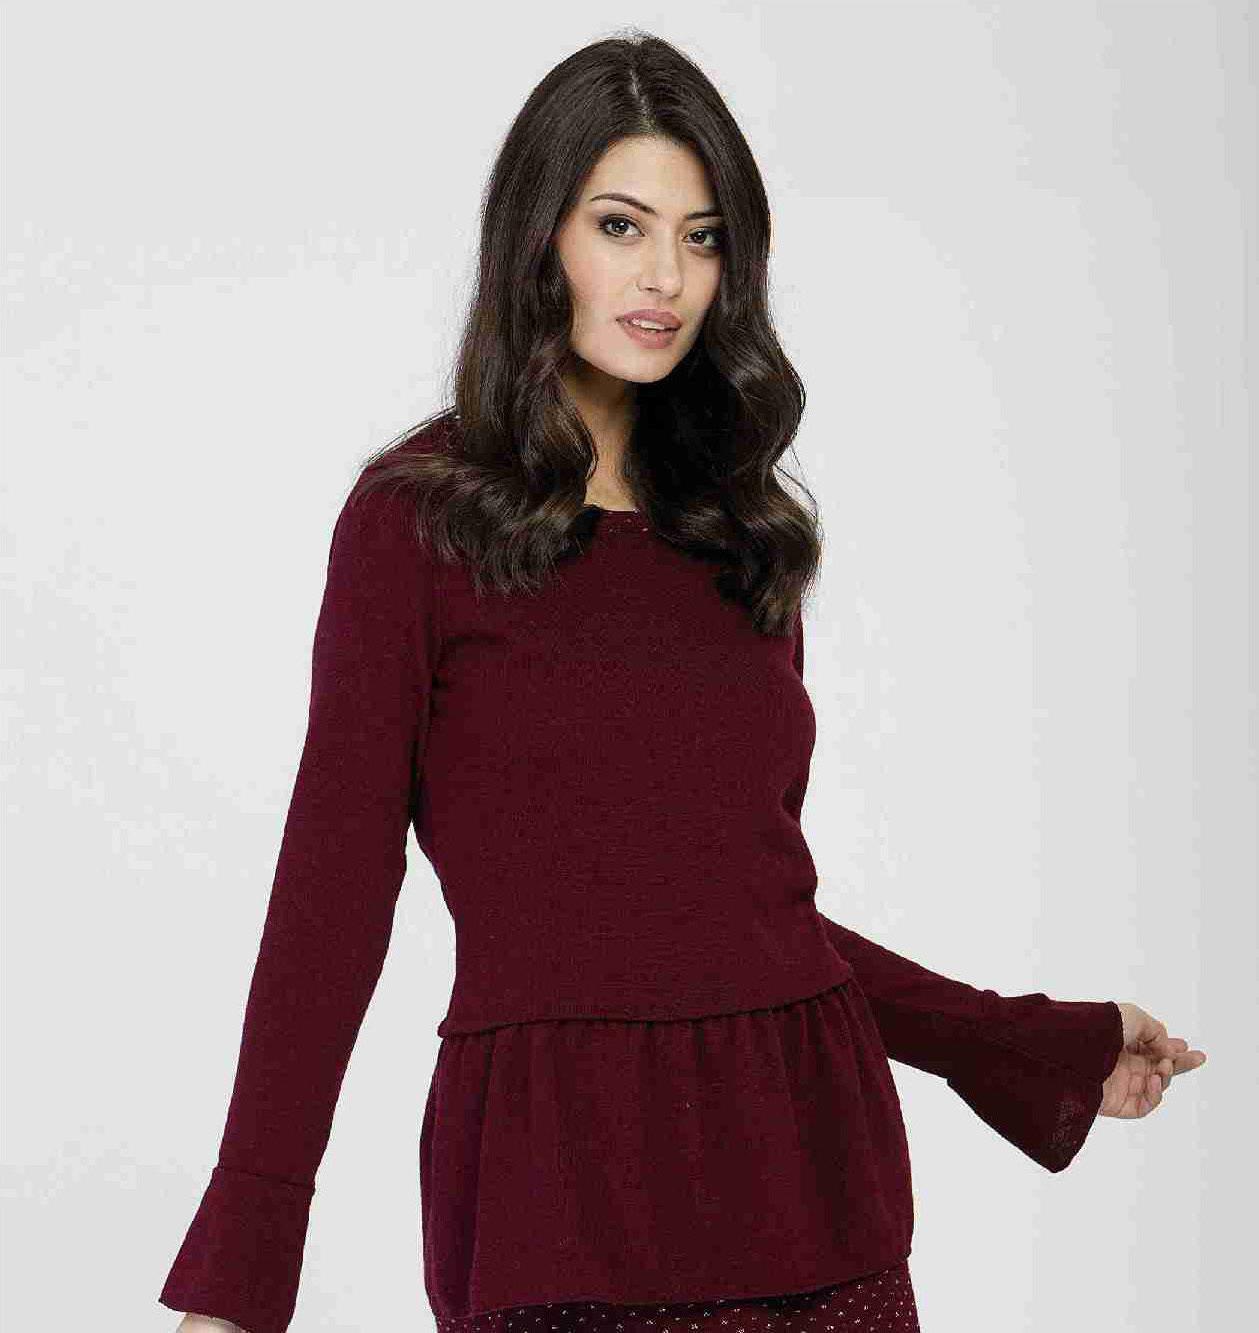 Maloka: Soft Ruffles Wool Tricot Sweater (Few Left!) MK_OTKA_N